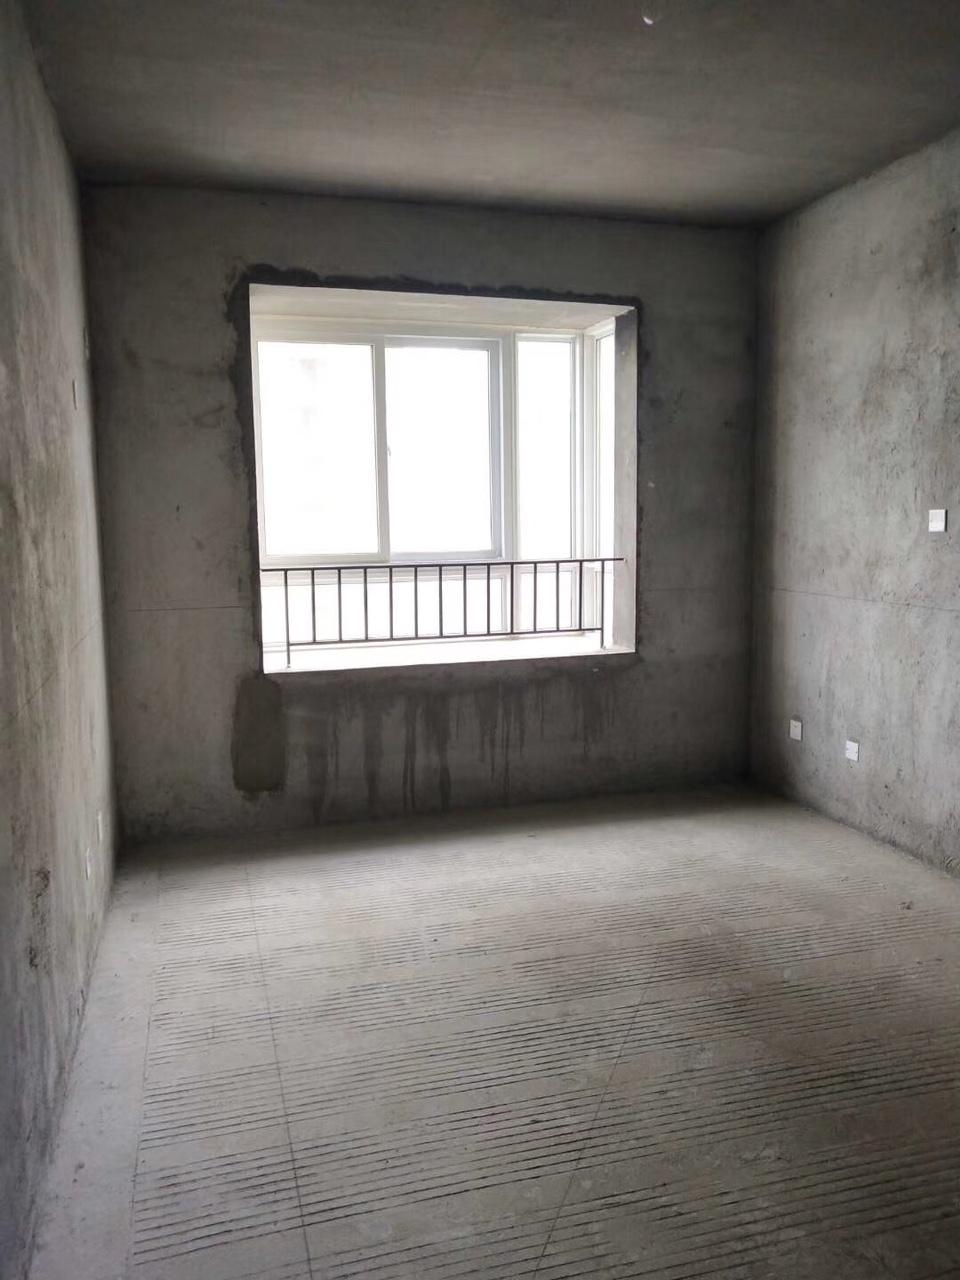 新时代小区3室 2厅 1卫70万元